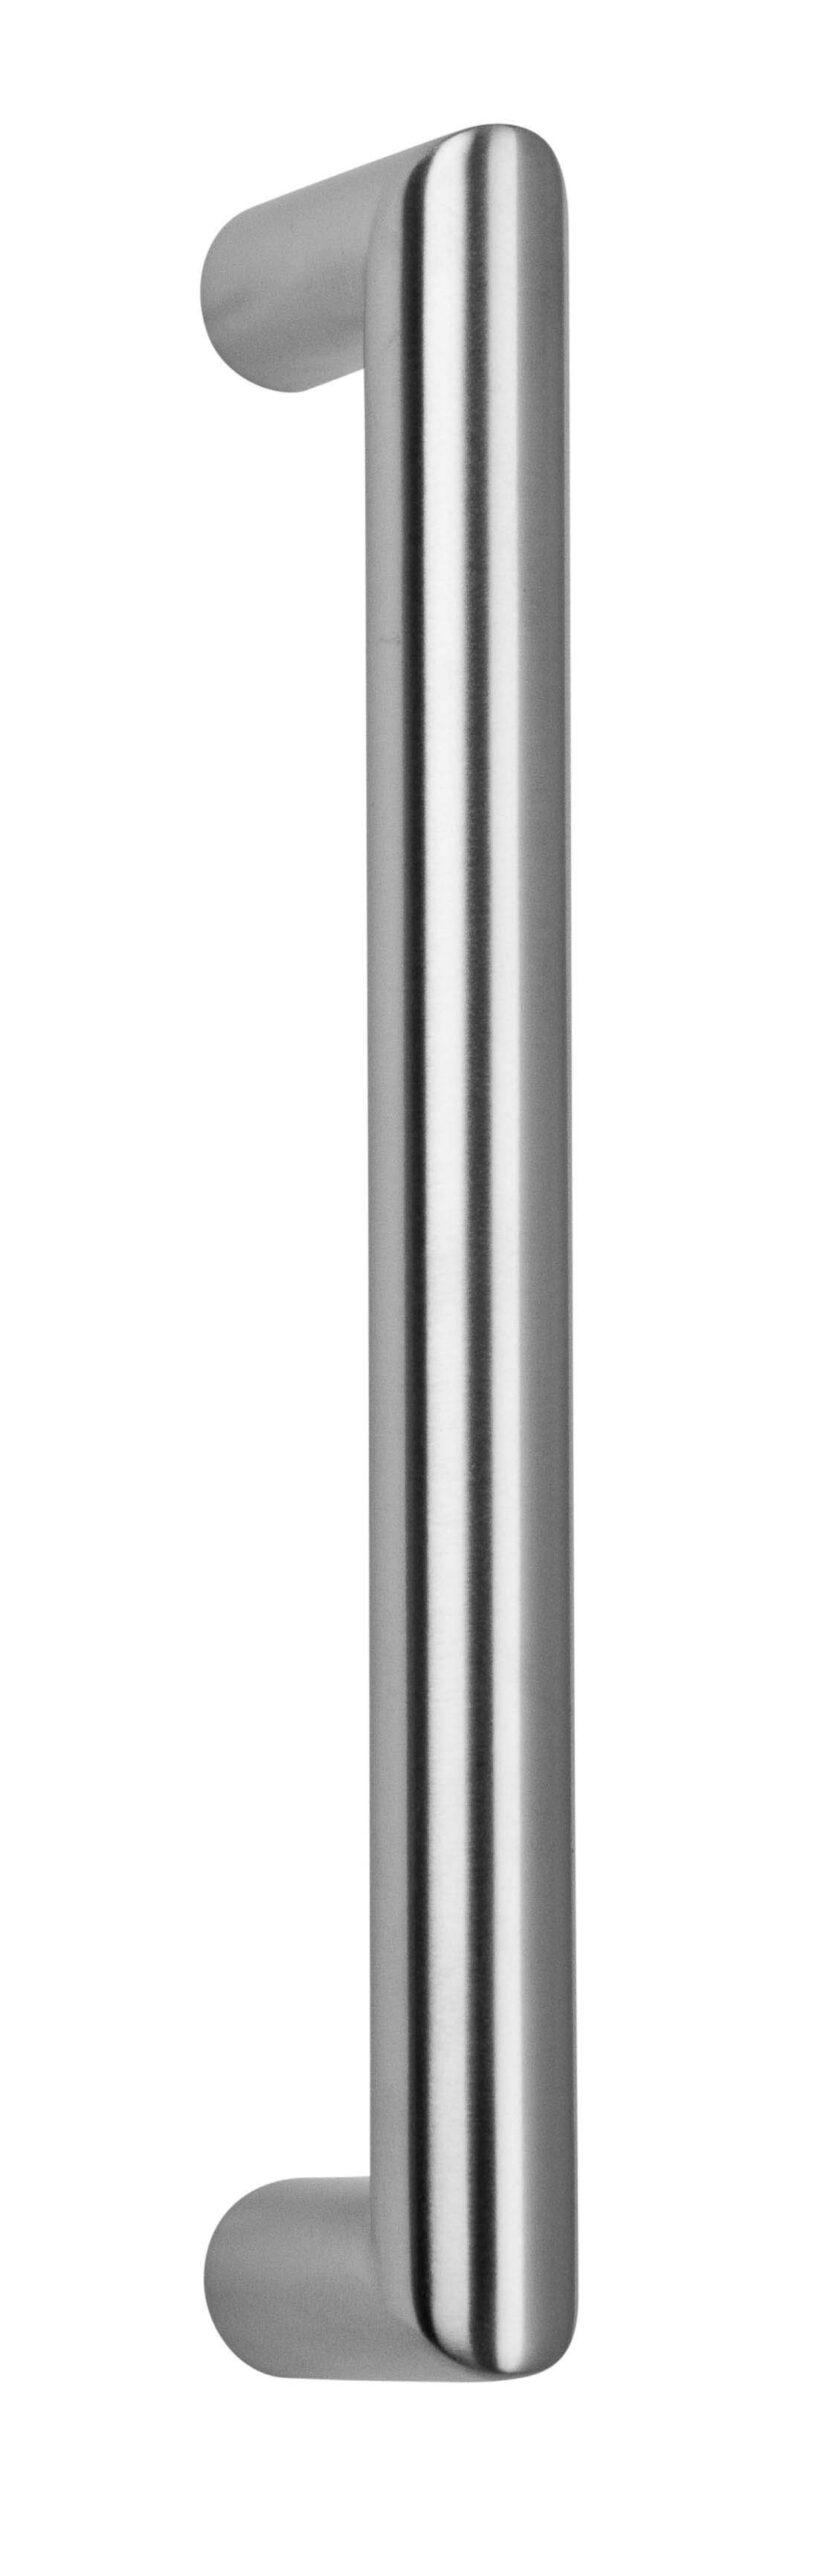 PH0021B